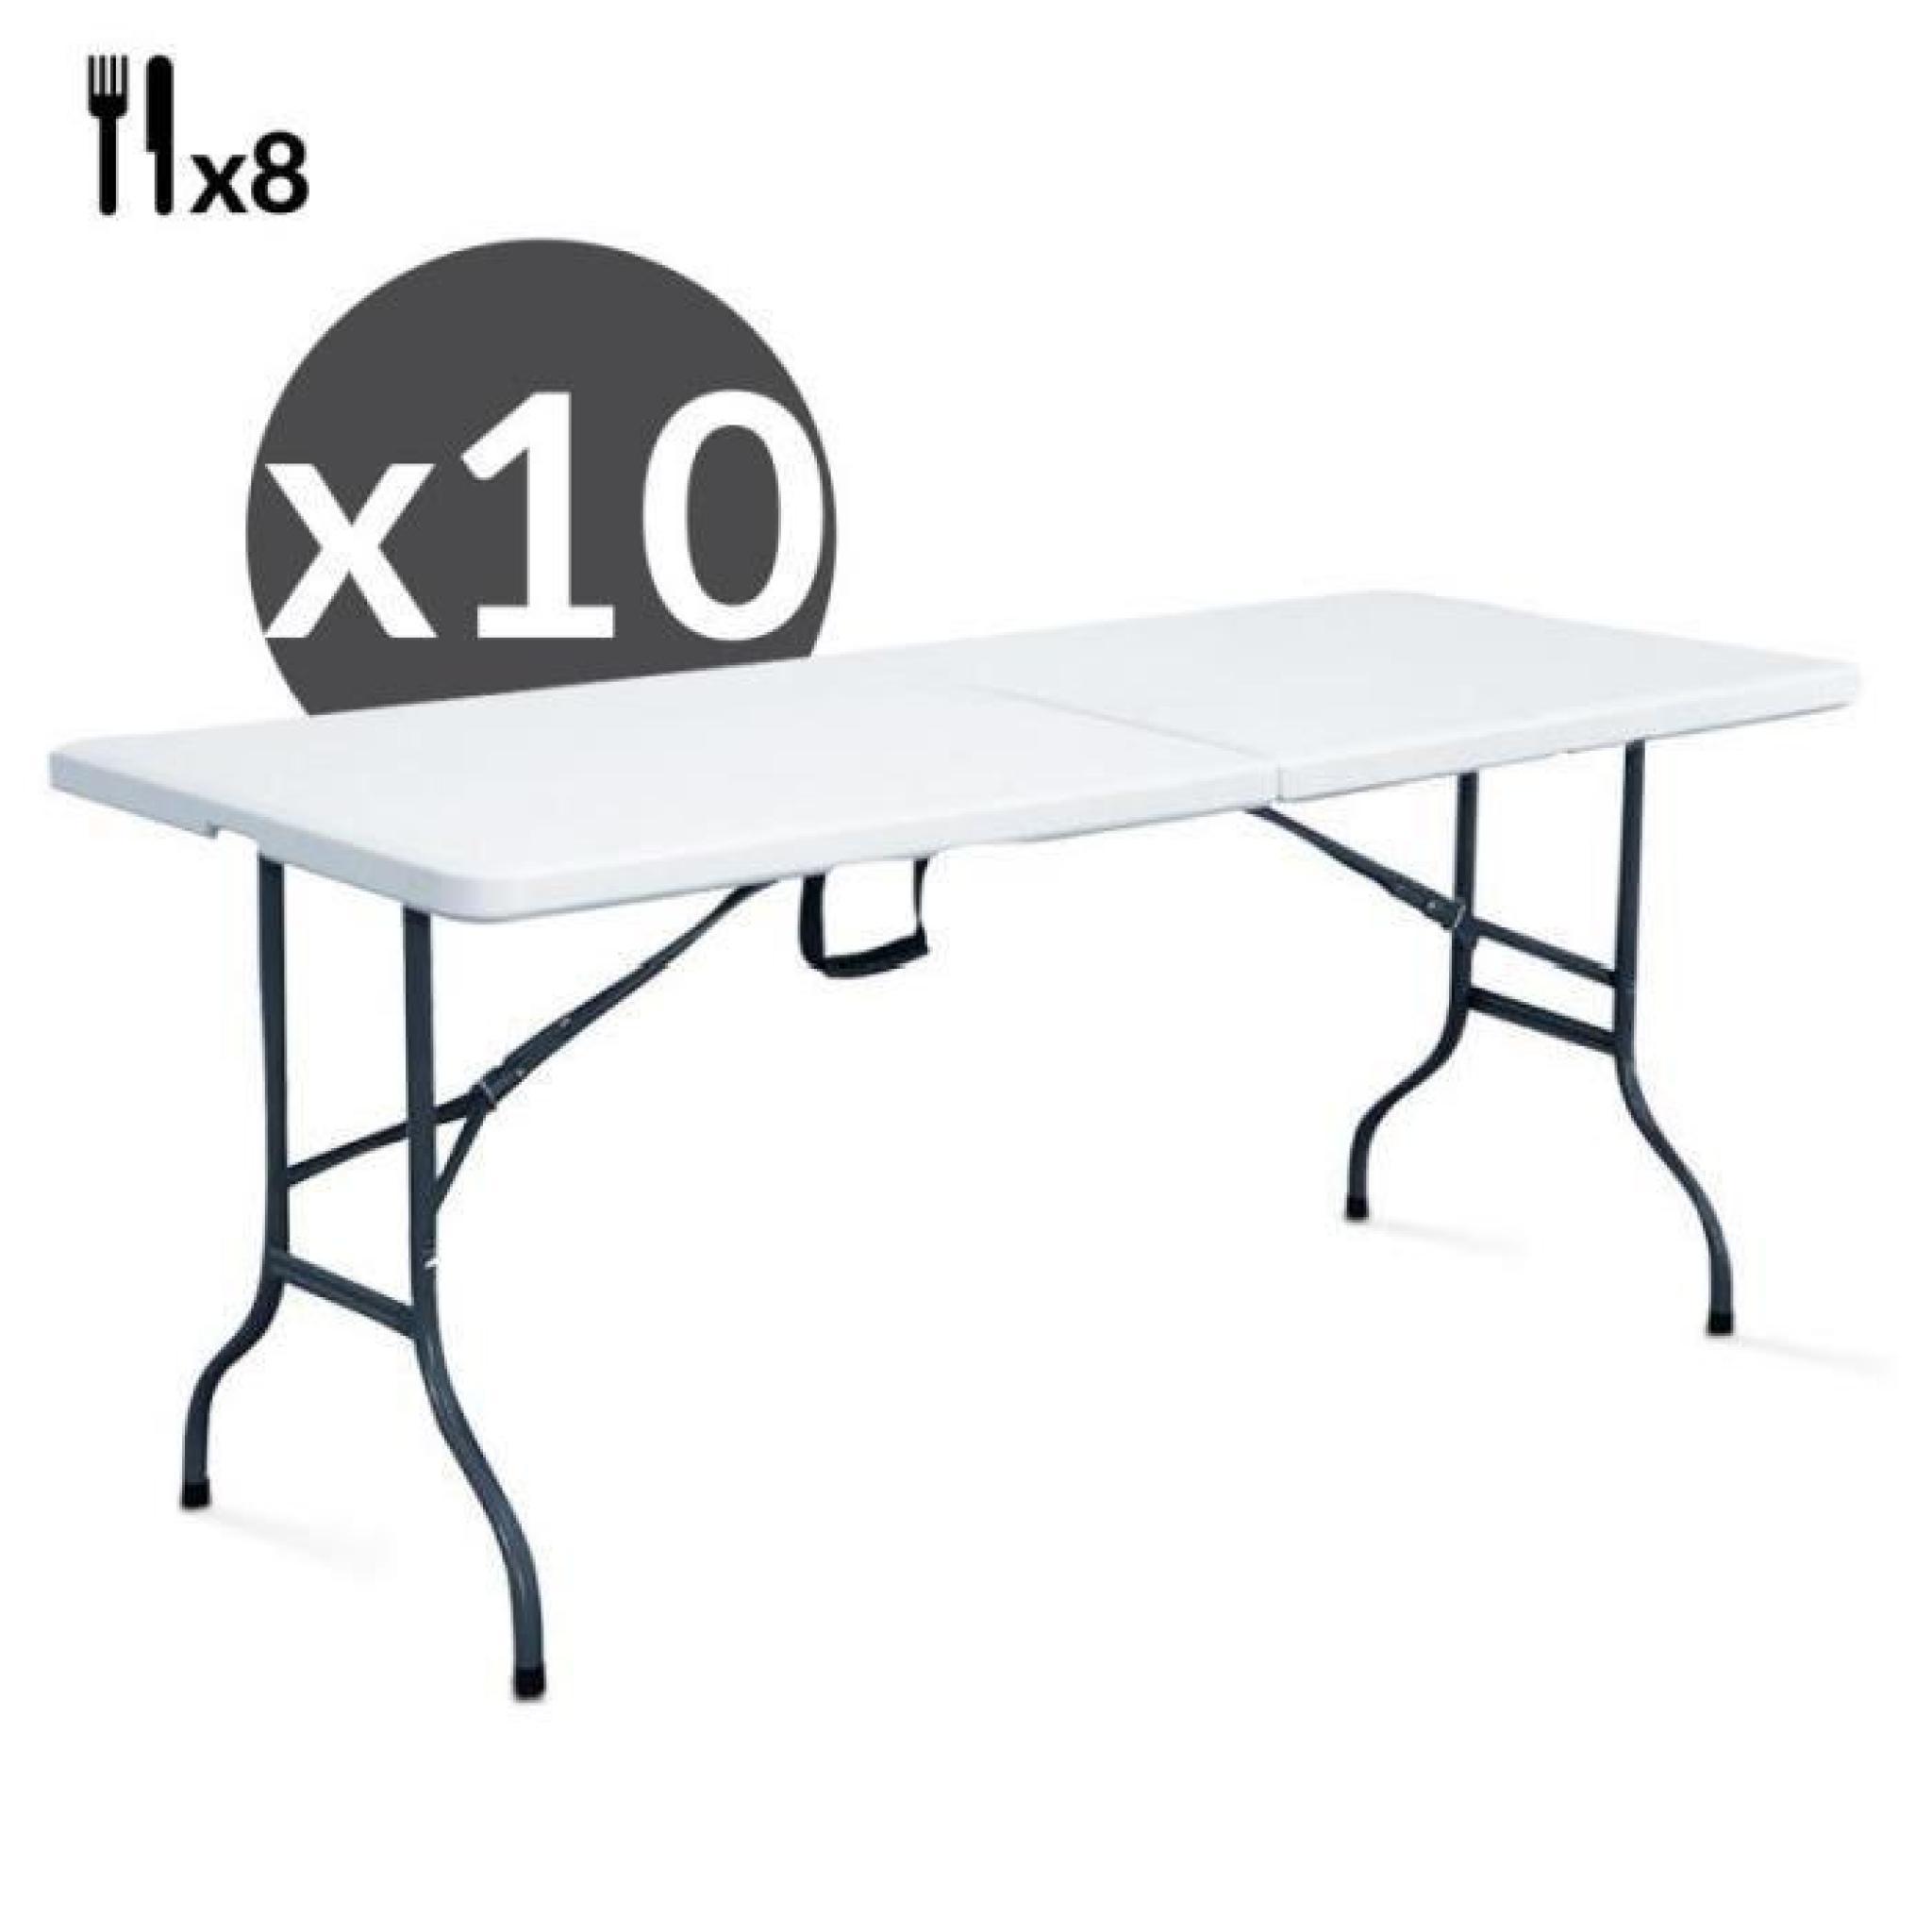 Table pliante traiteur 180 cm Lot de 10